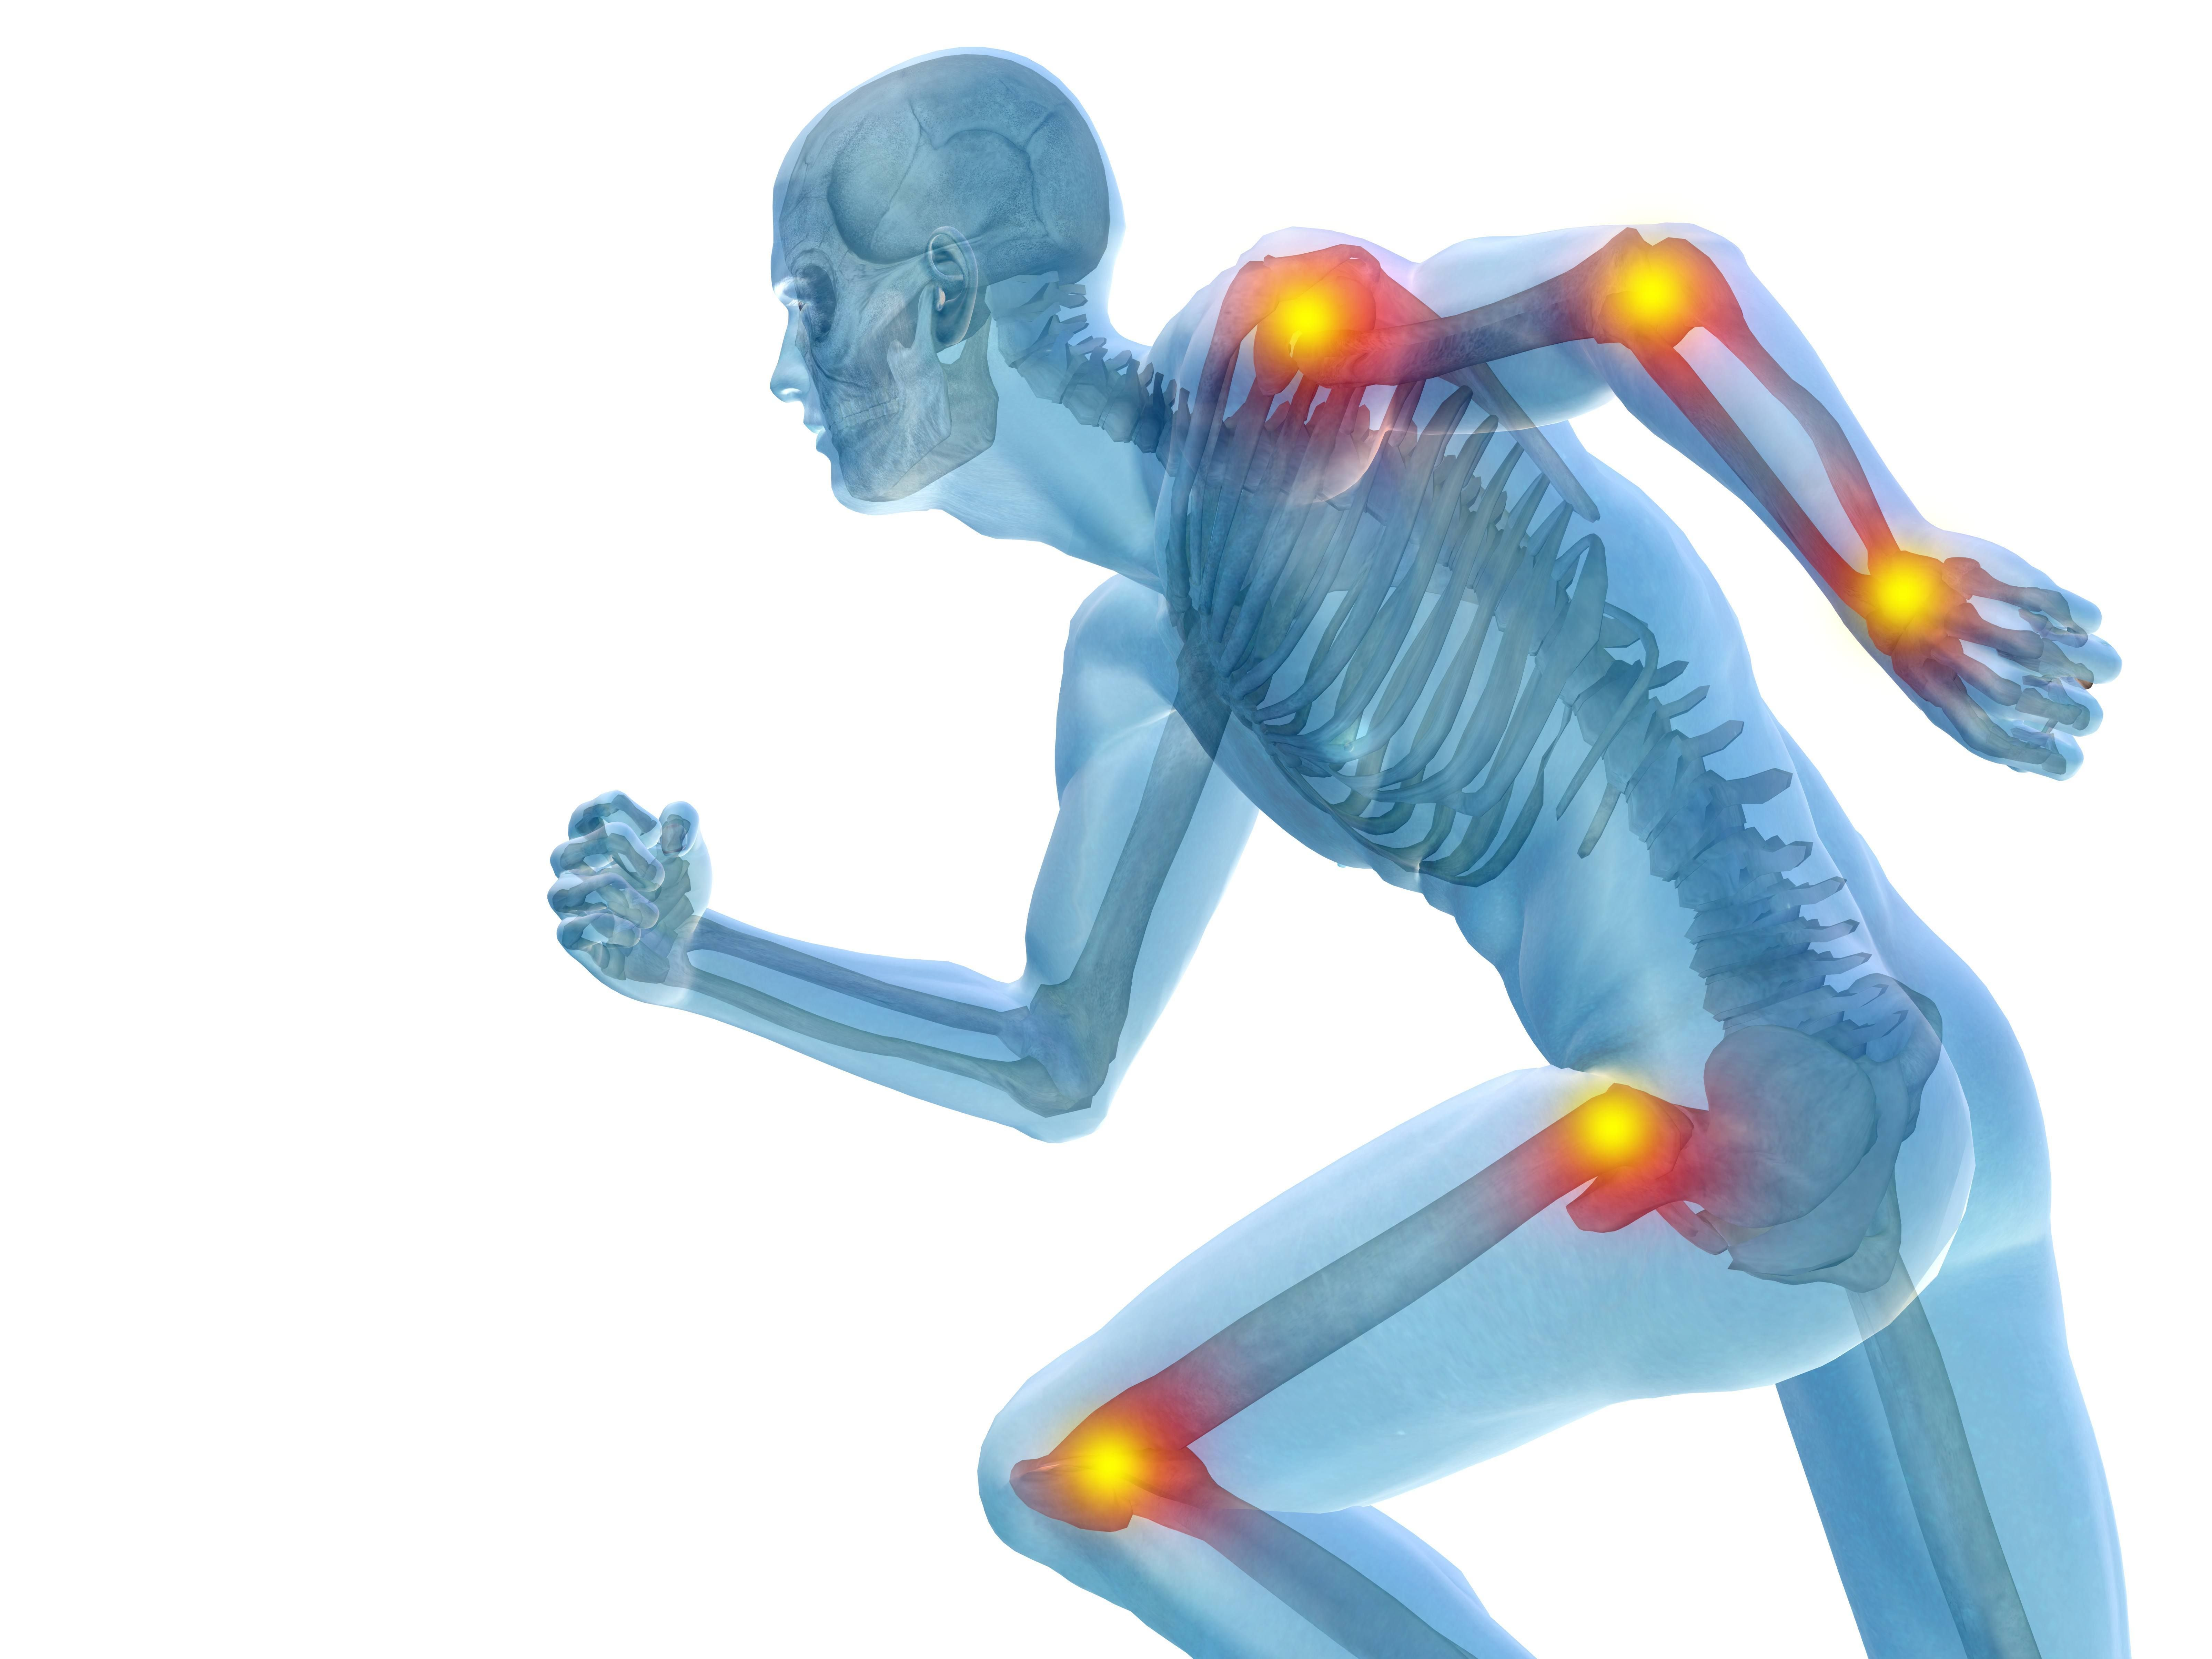 Suplementos Para La Salud De Tus Huesos Y Articulaciones Dolor En Articulaciones Dieta Deportista Articulacion